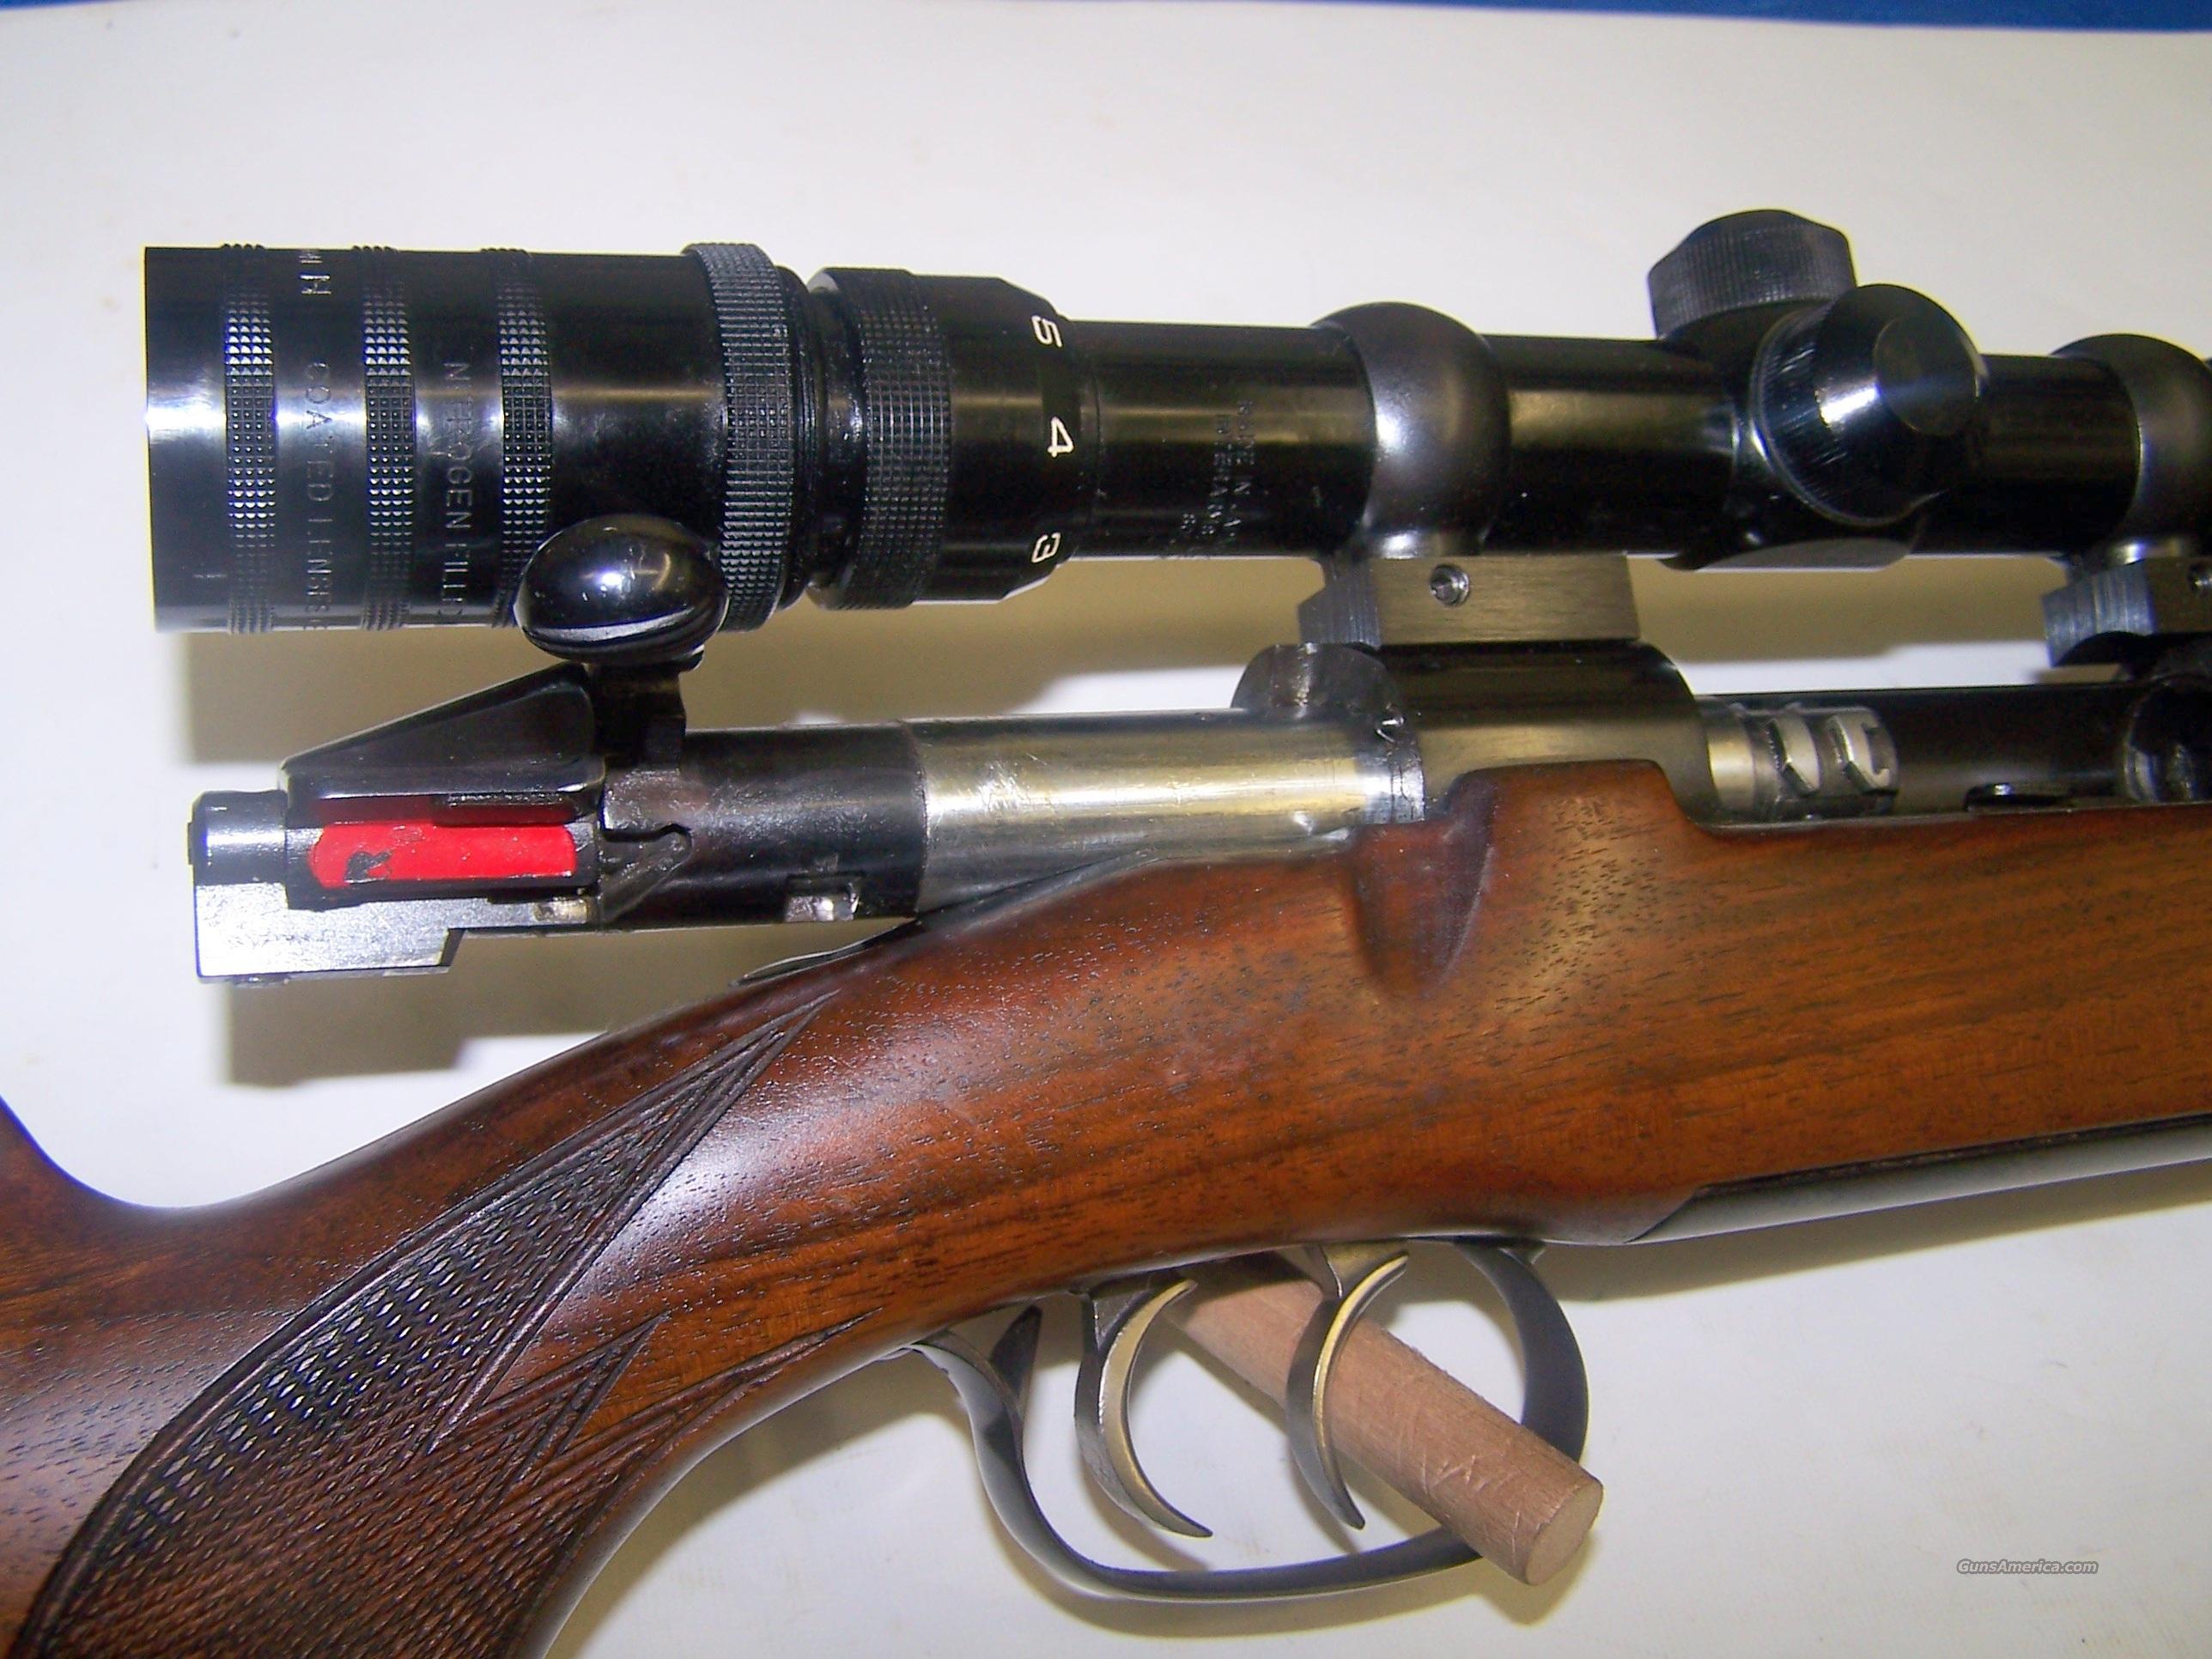 Mannlicher Schonauer M72 7x64 caliber Steyr M 72 Mauser Scope